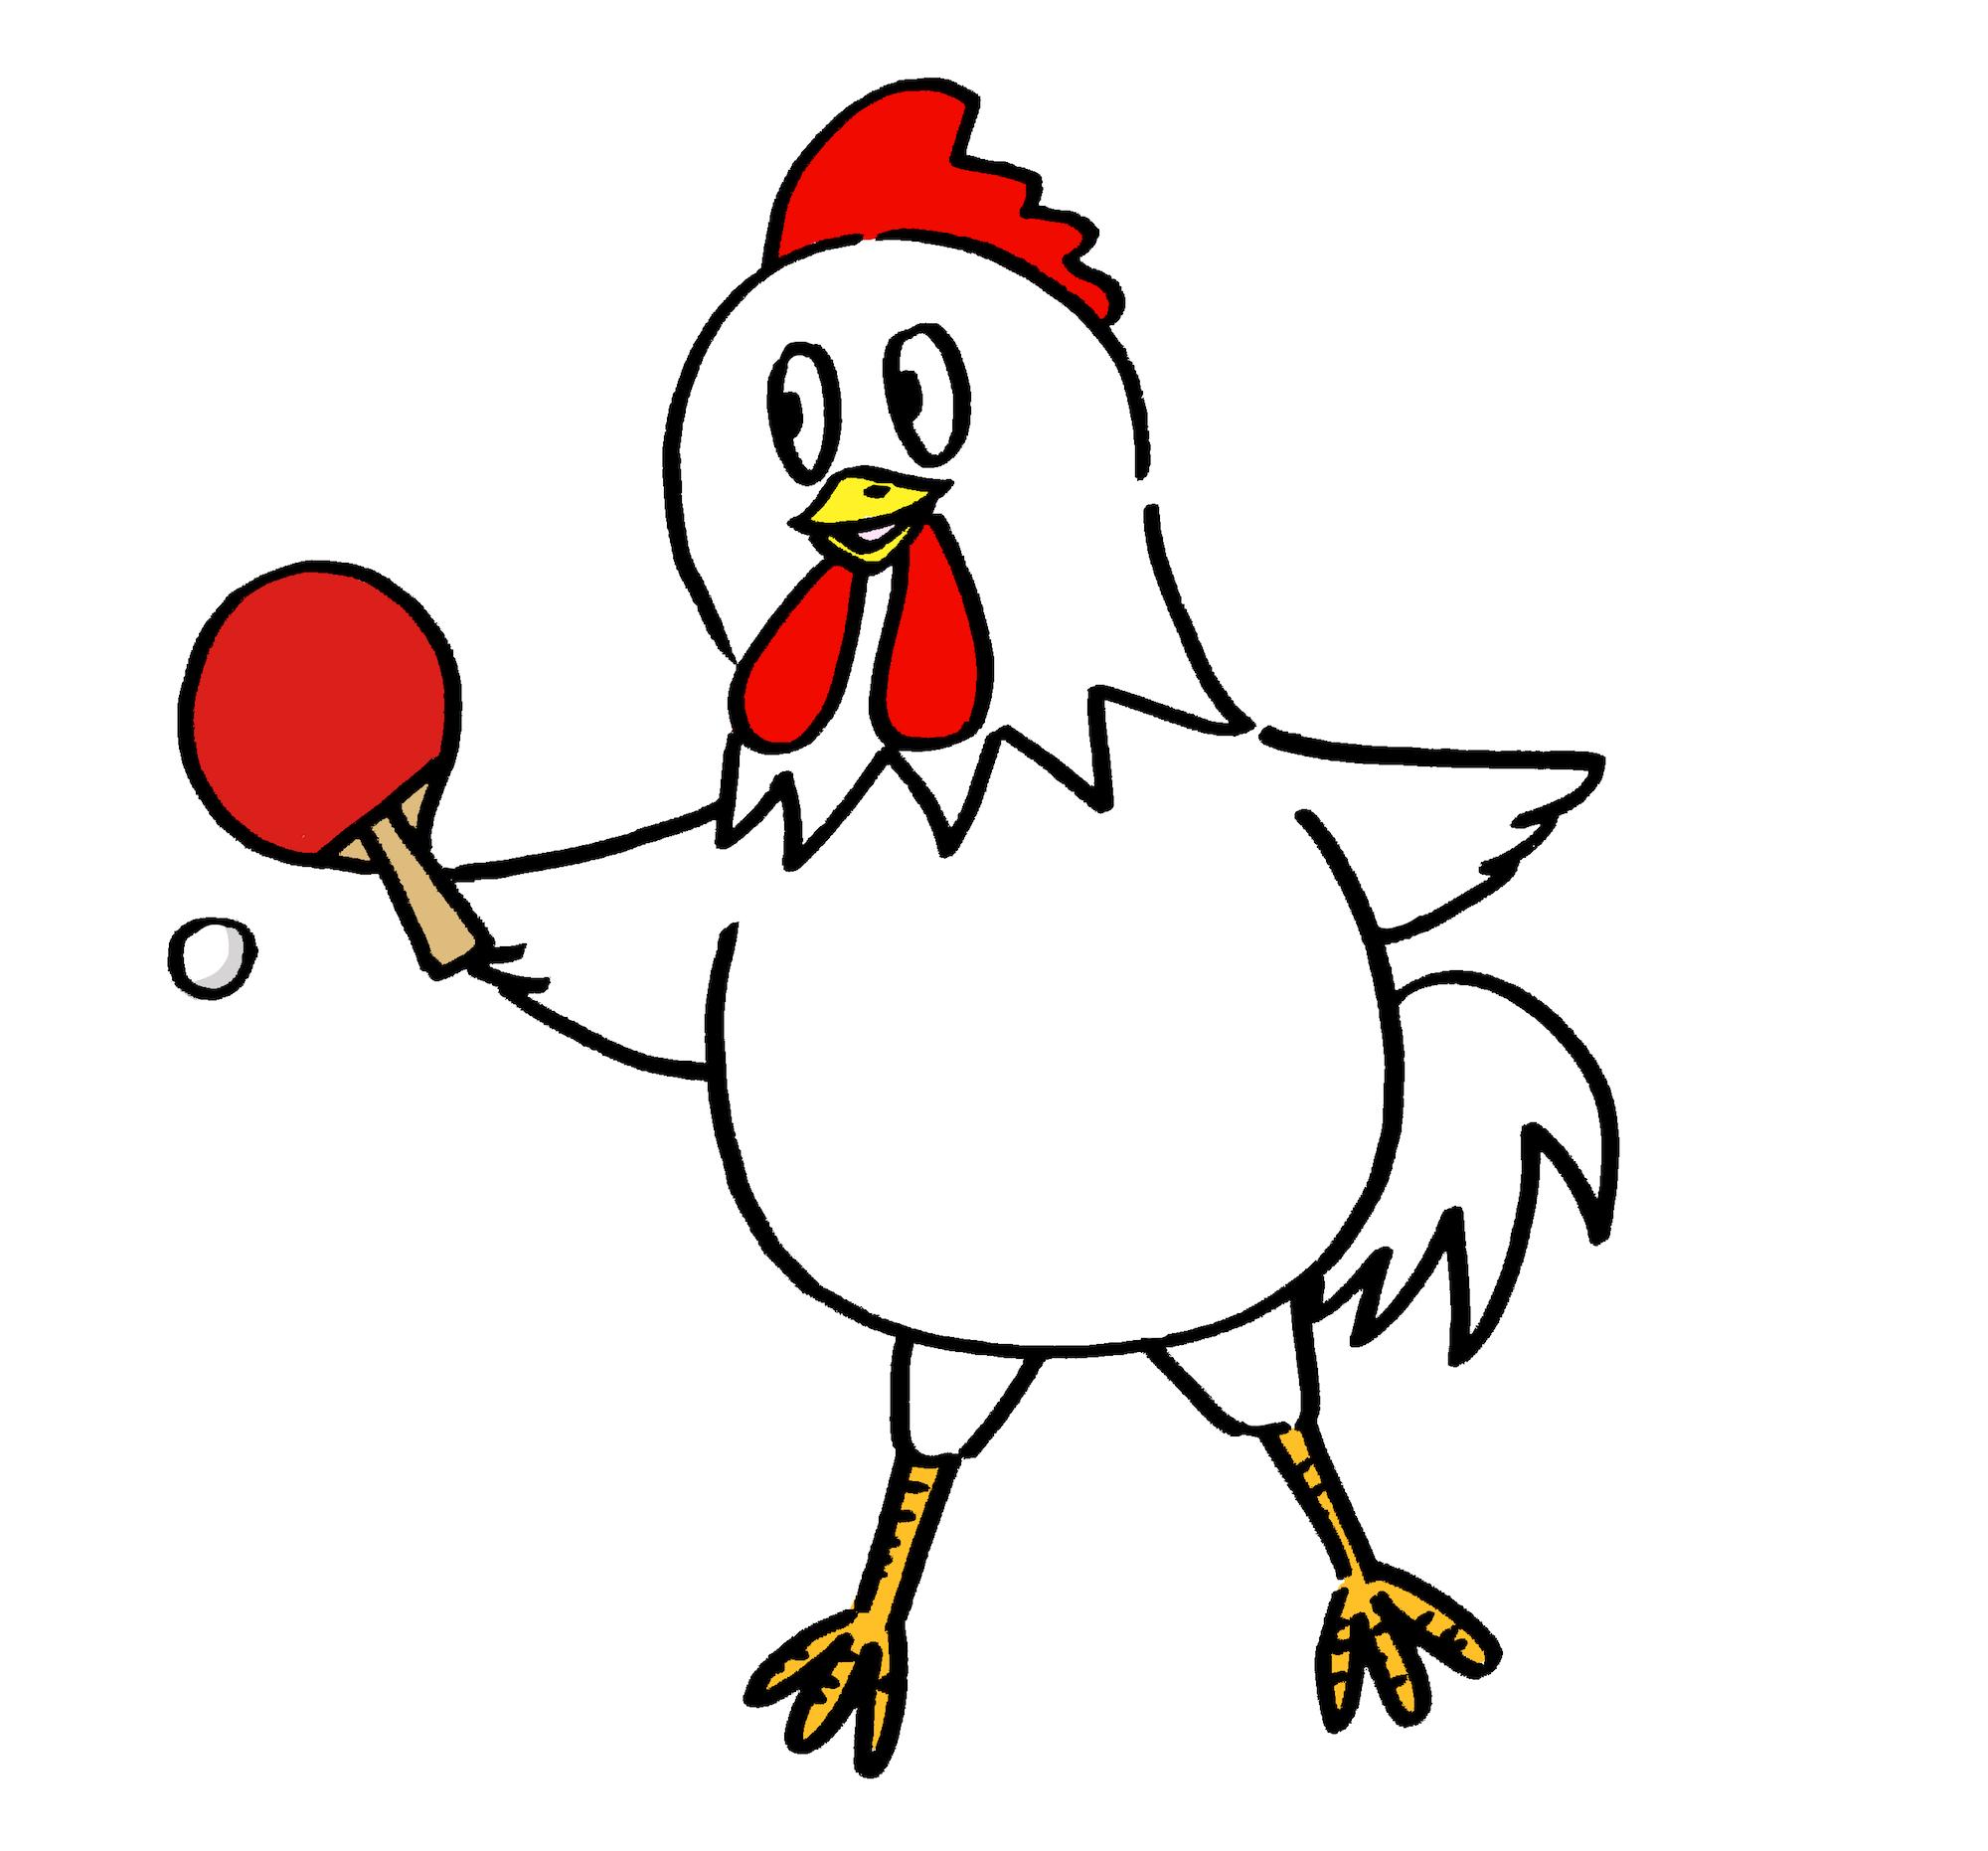 卓球をする可愛い鶏無料年賀状素材酉年イラスト